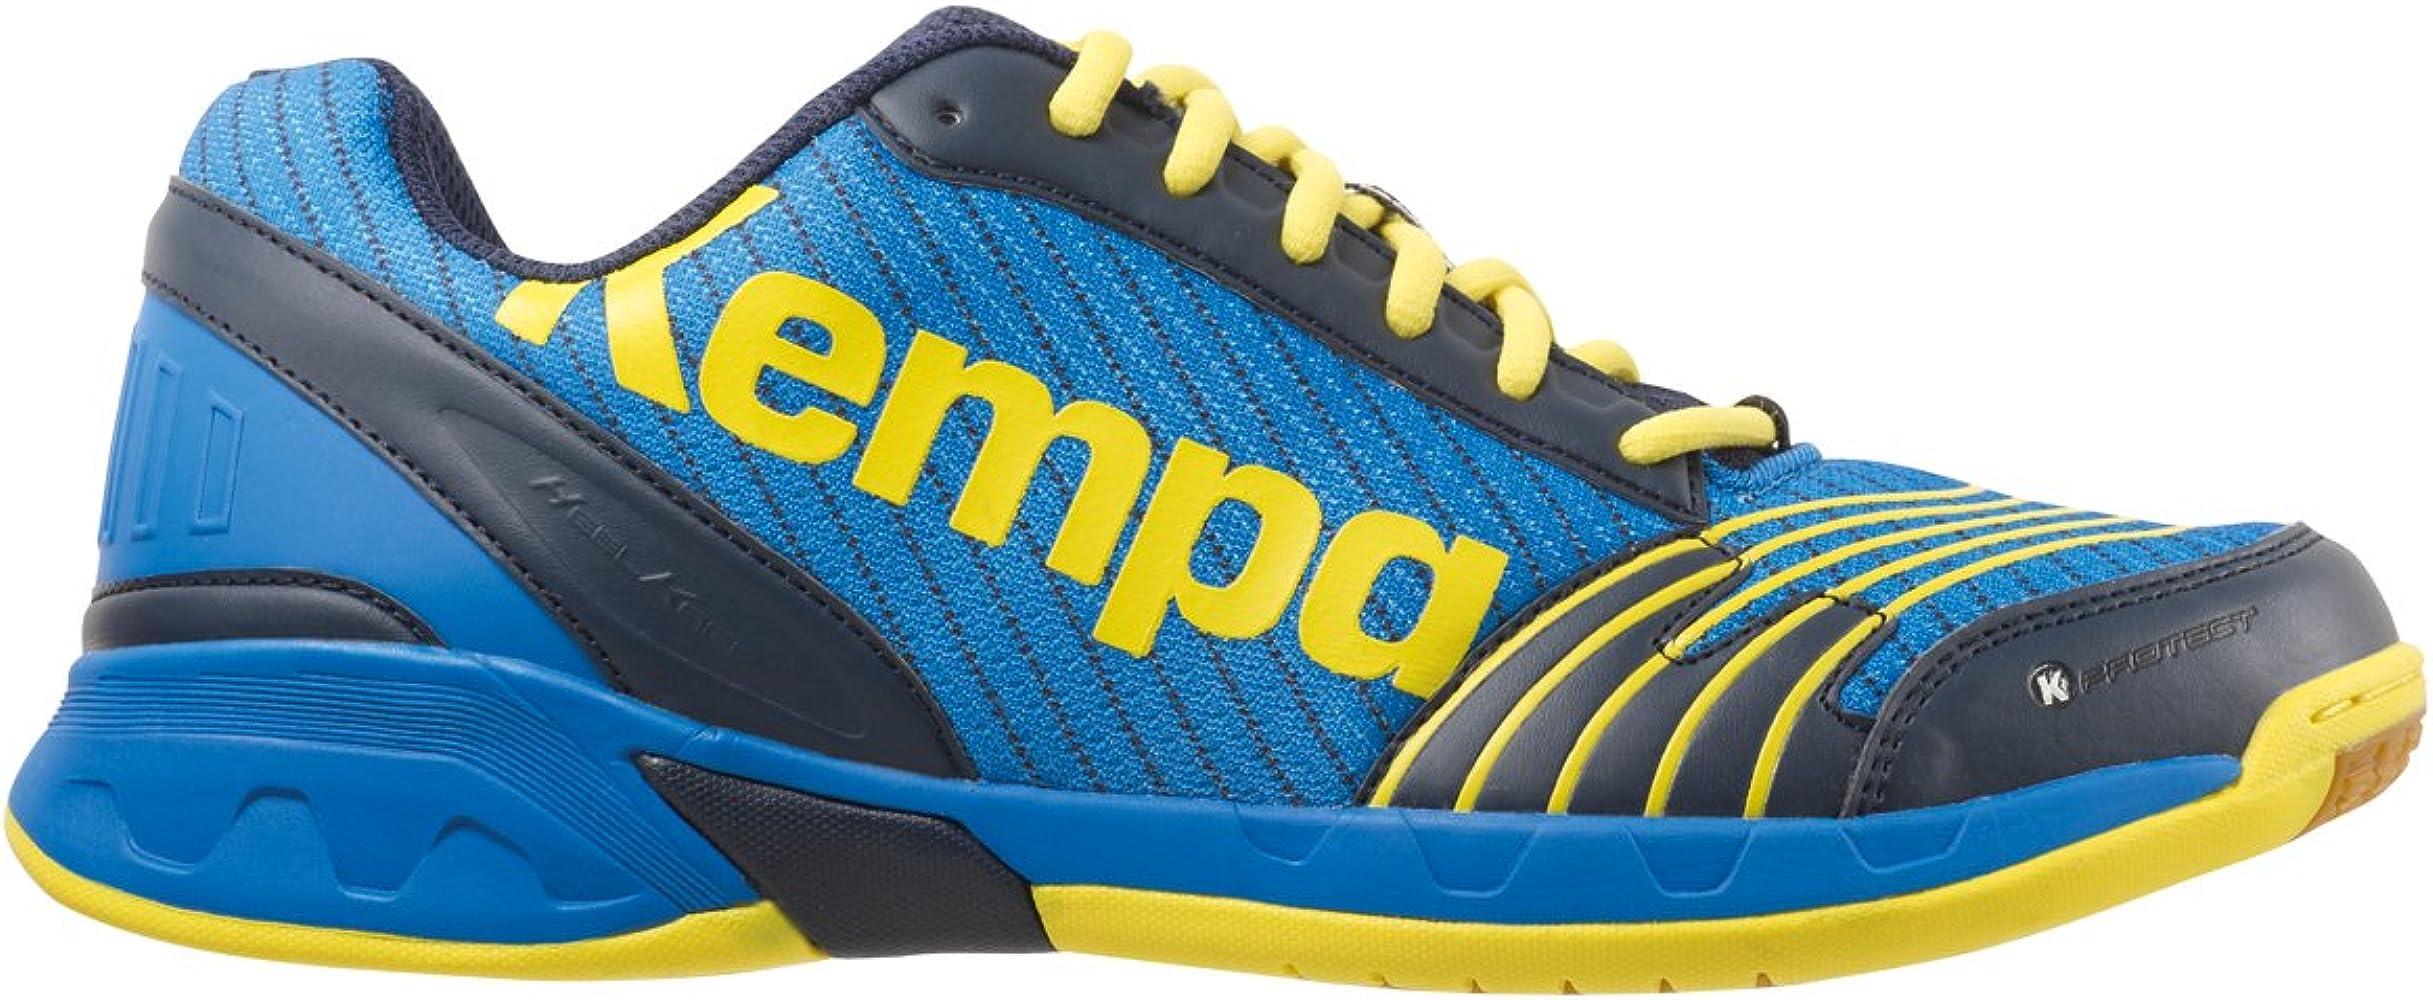 Kempa Attack Two Zapatillas de Balonmano Unisex Adulto